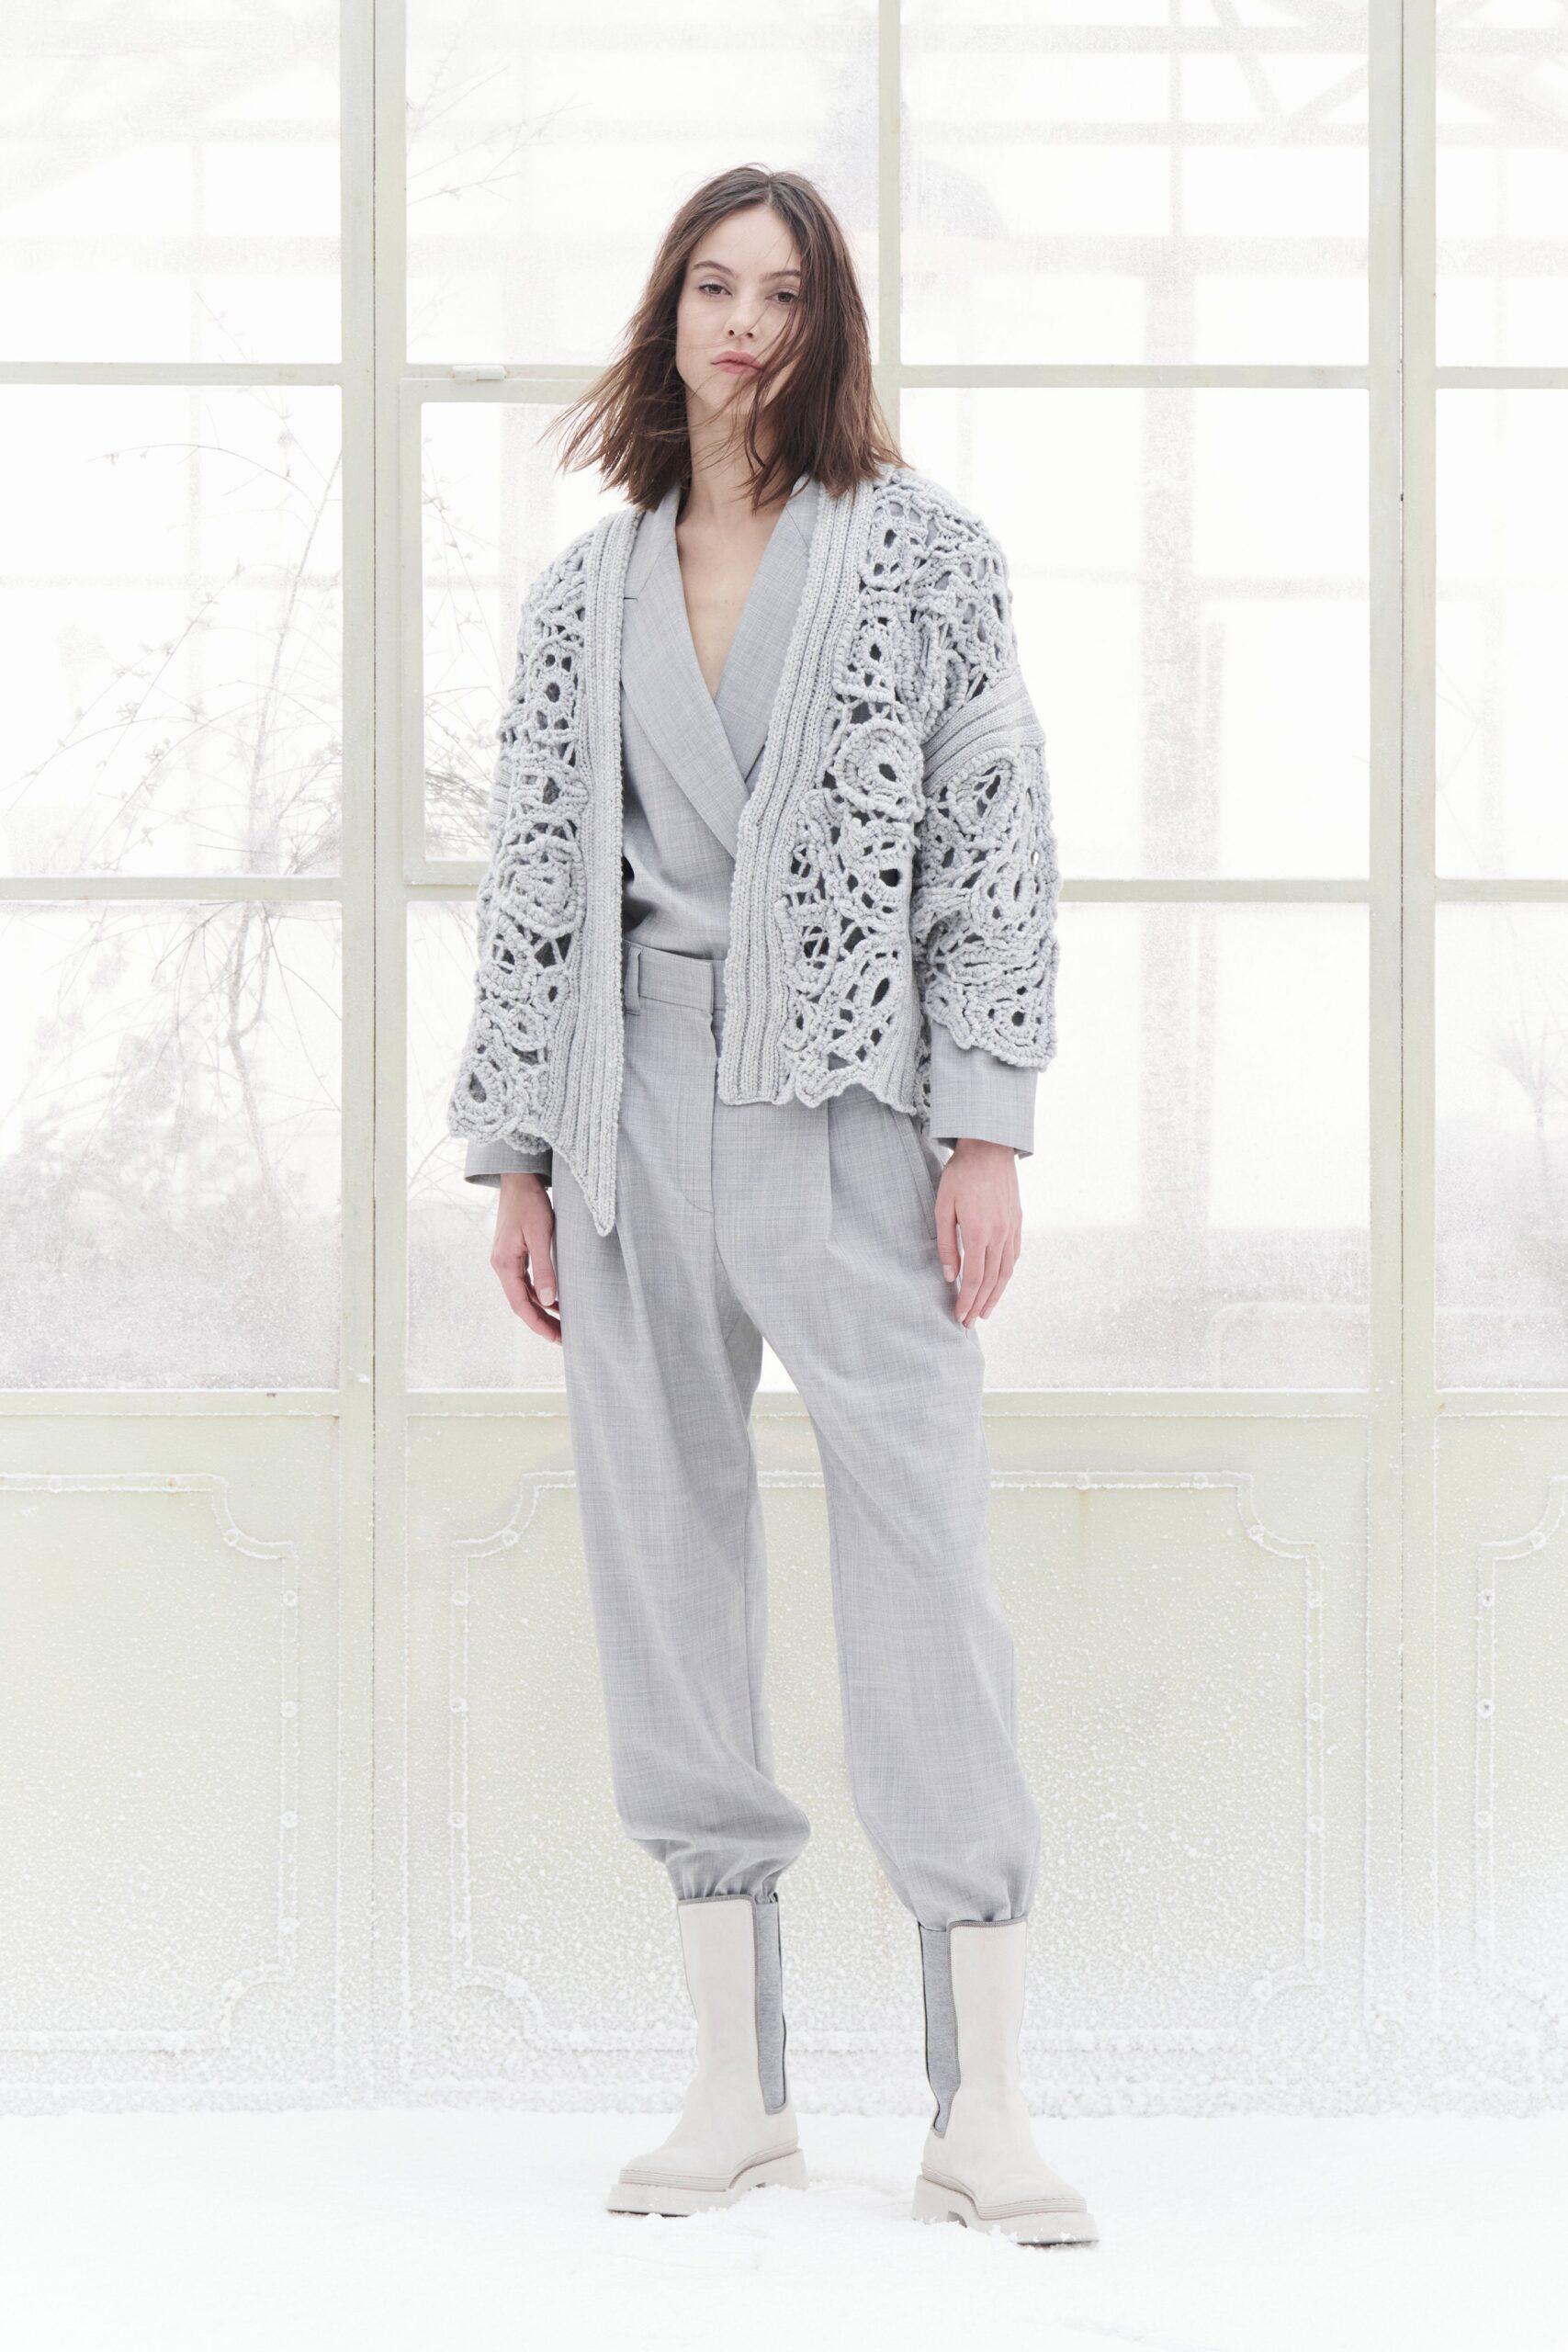 Grigio - Brunello Cucinelli Ready-to-wear autunno-inverno 2021-2022